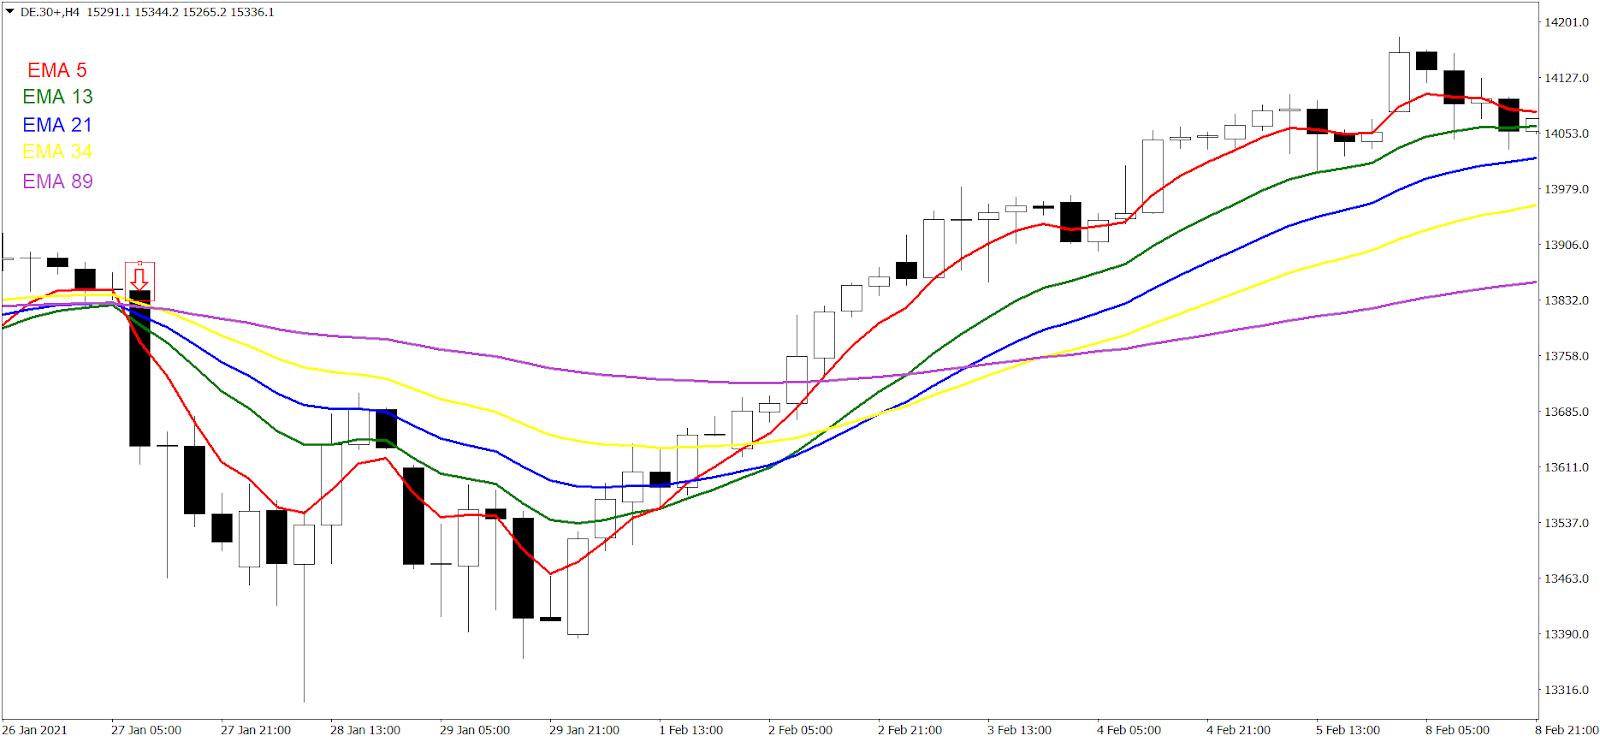 Wejście w pozycje krótką - Swing Trading z wykorzystaniem wielu średnich kroczących